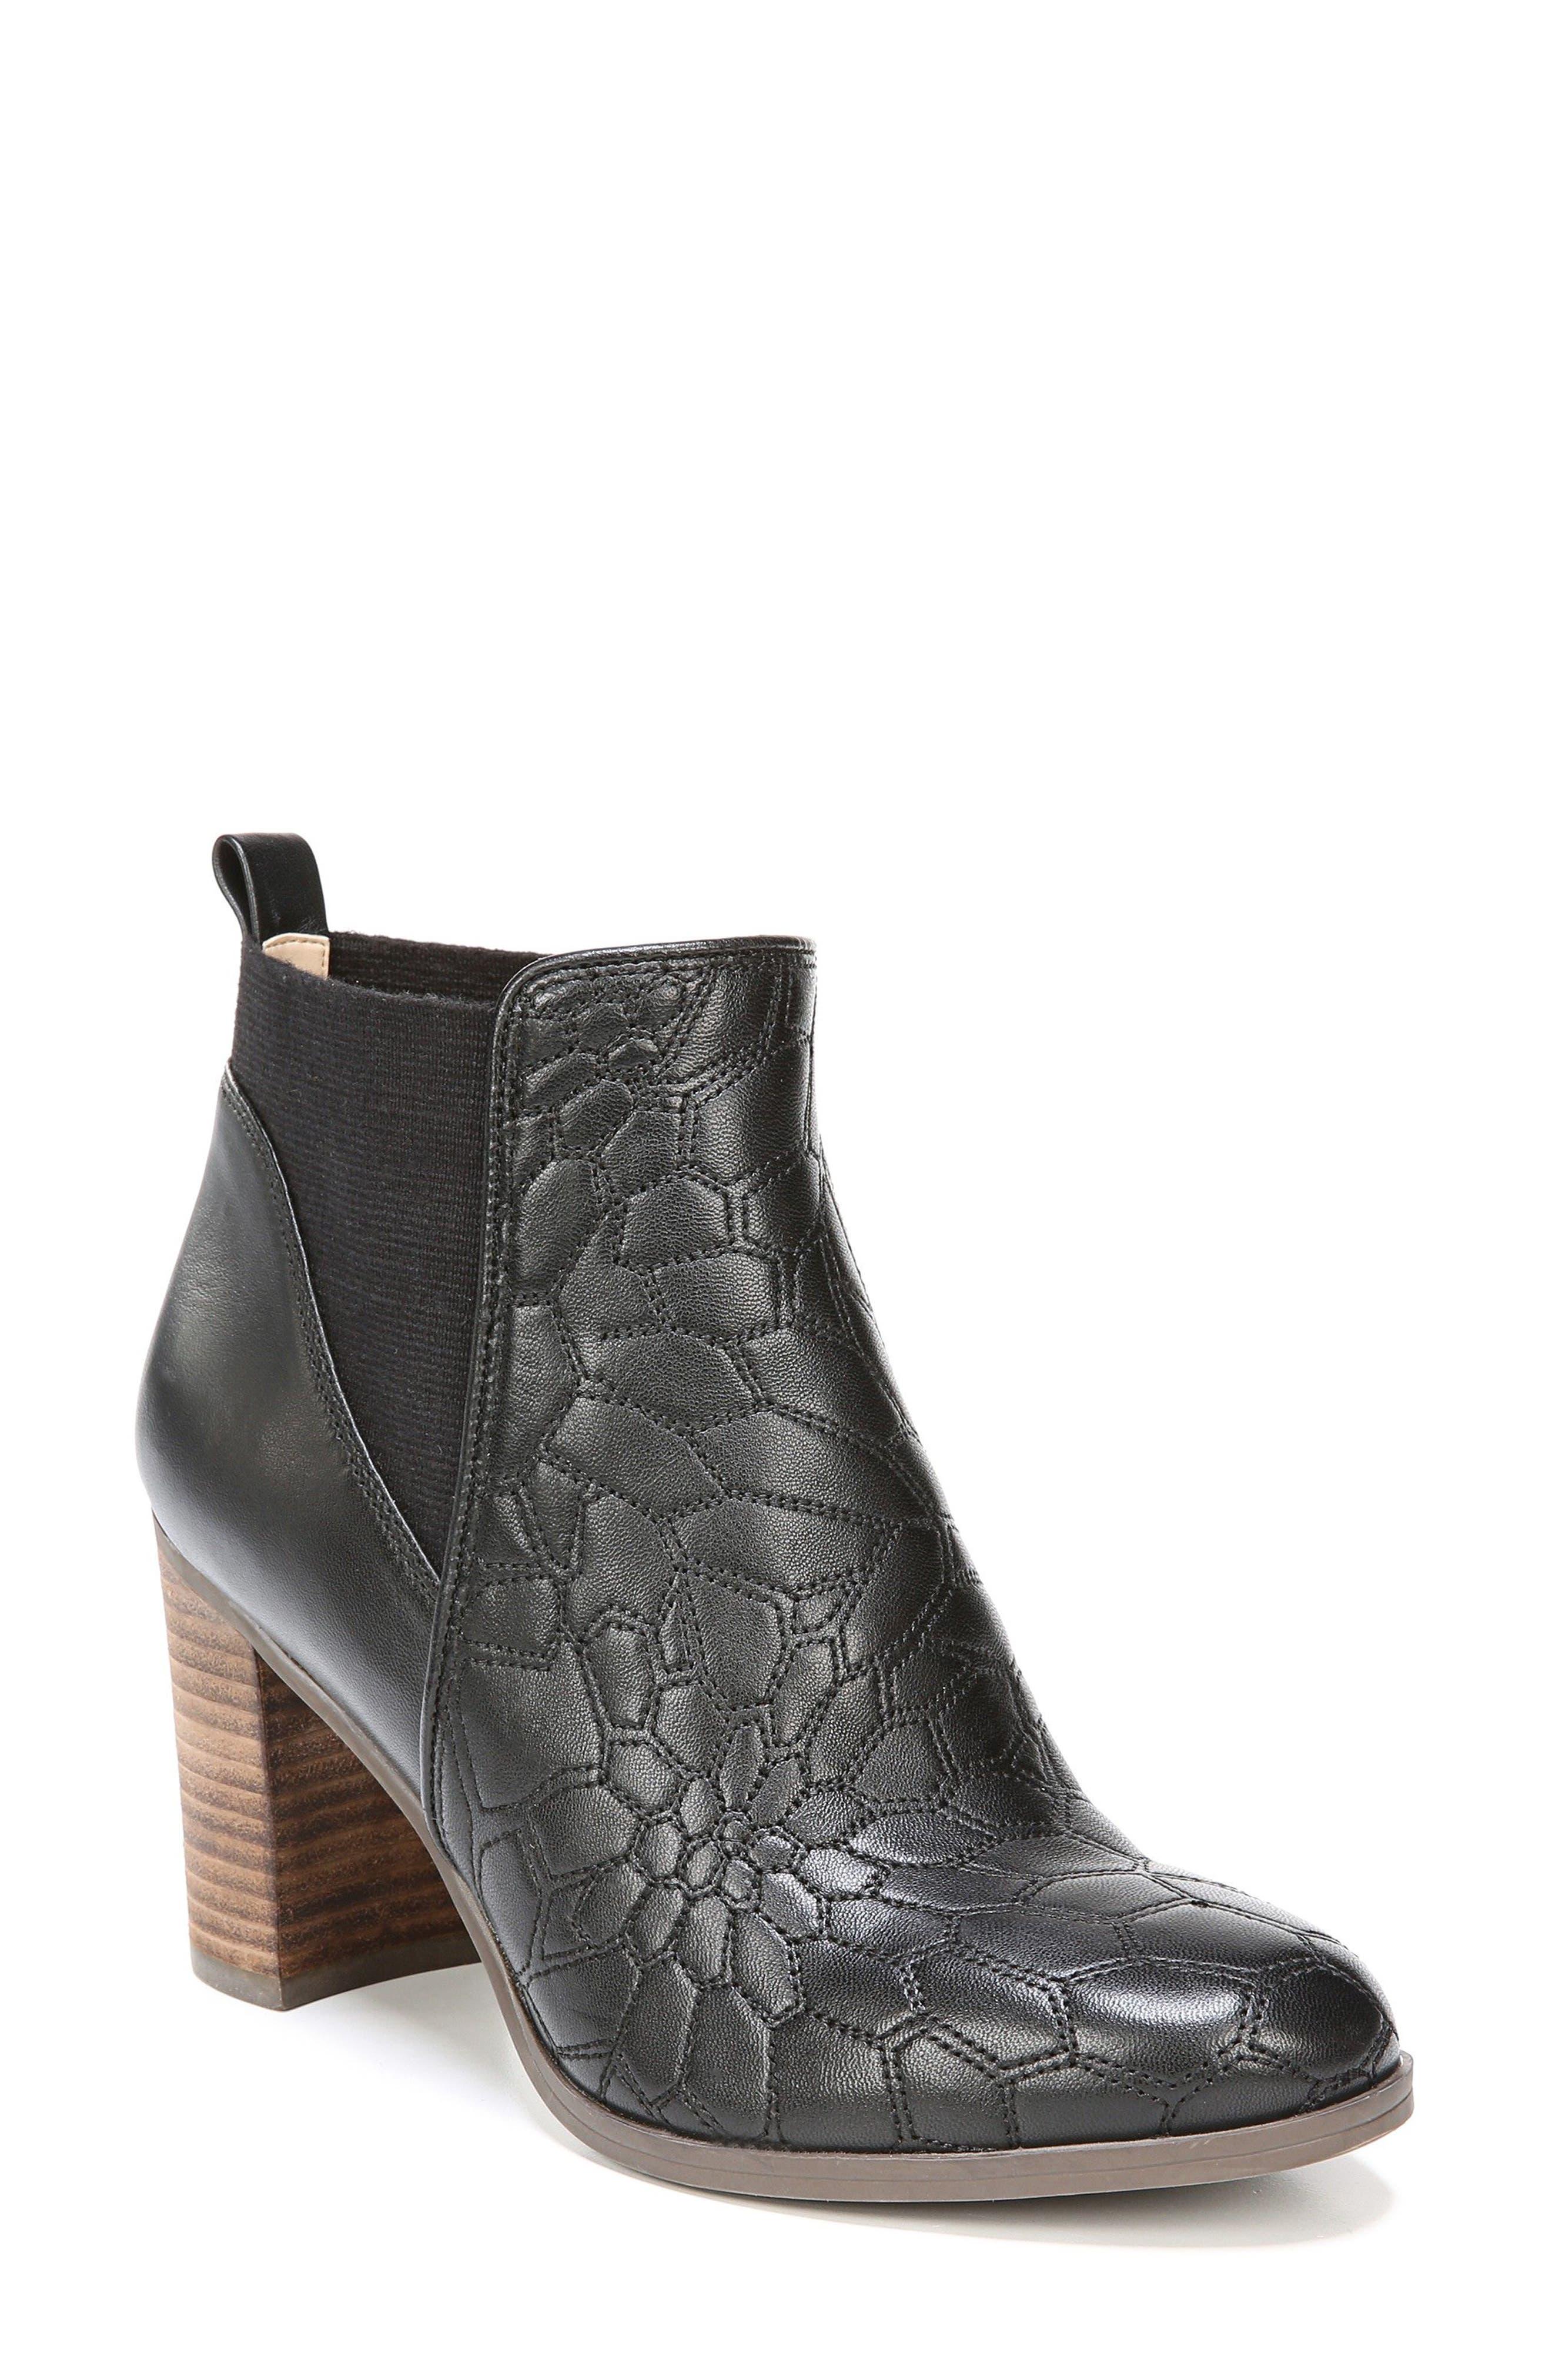 Dixie Bootie,                         Main,                         color, Black Leather